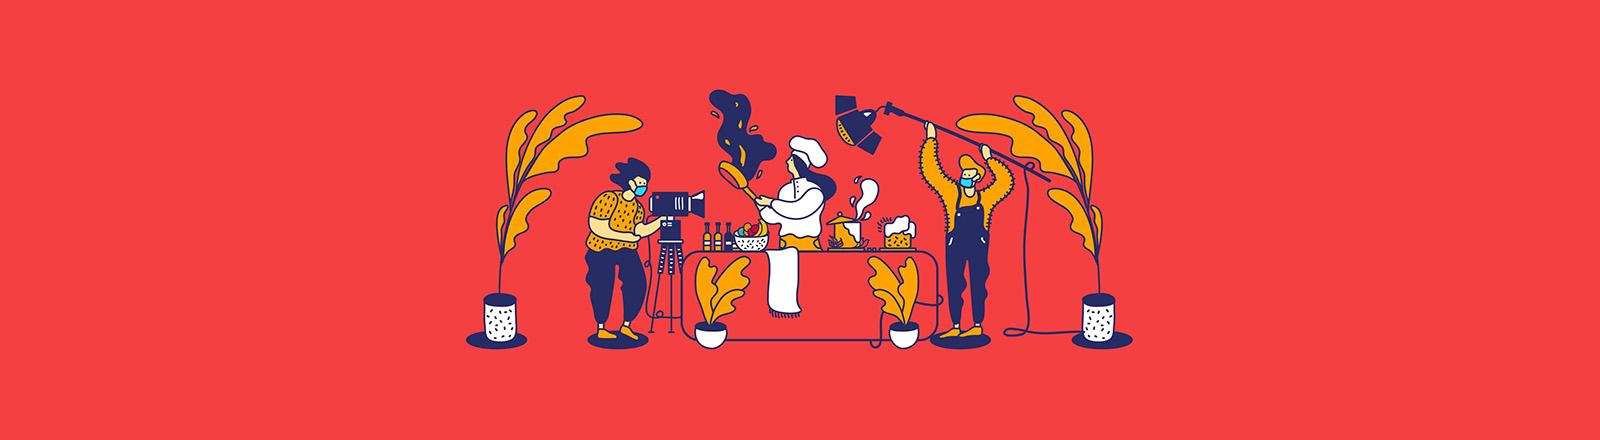 chef_cameracrew-01-eye